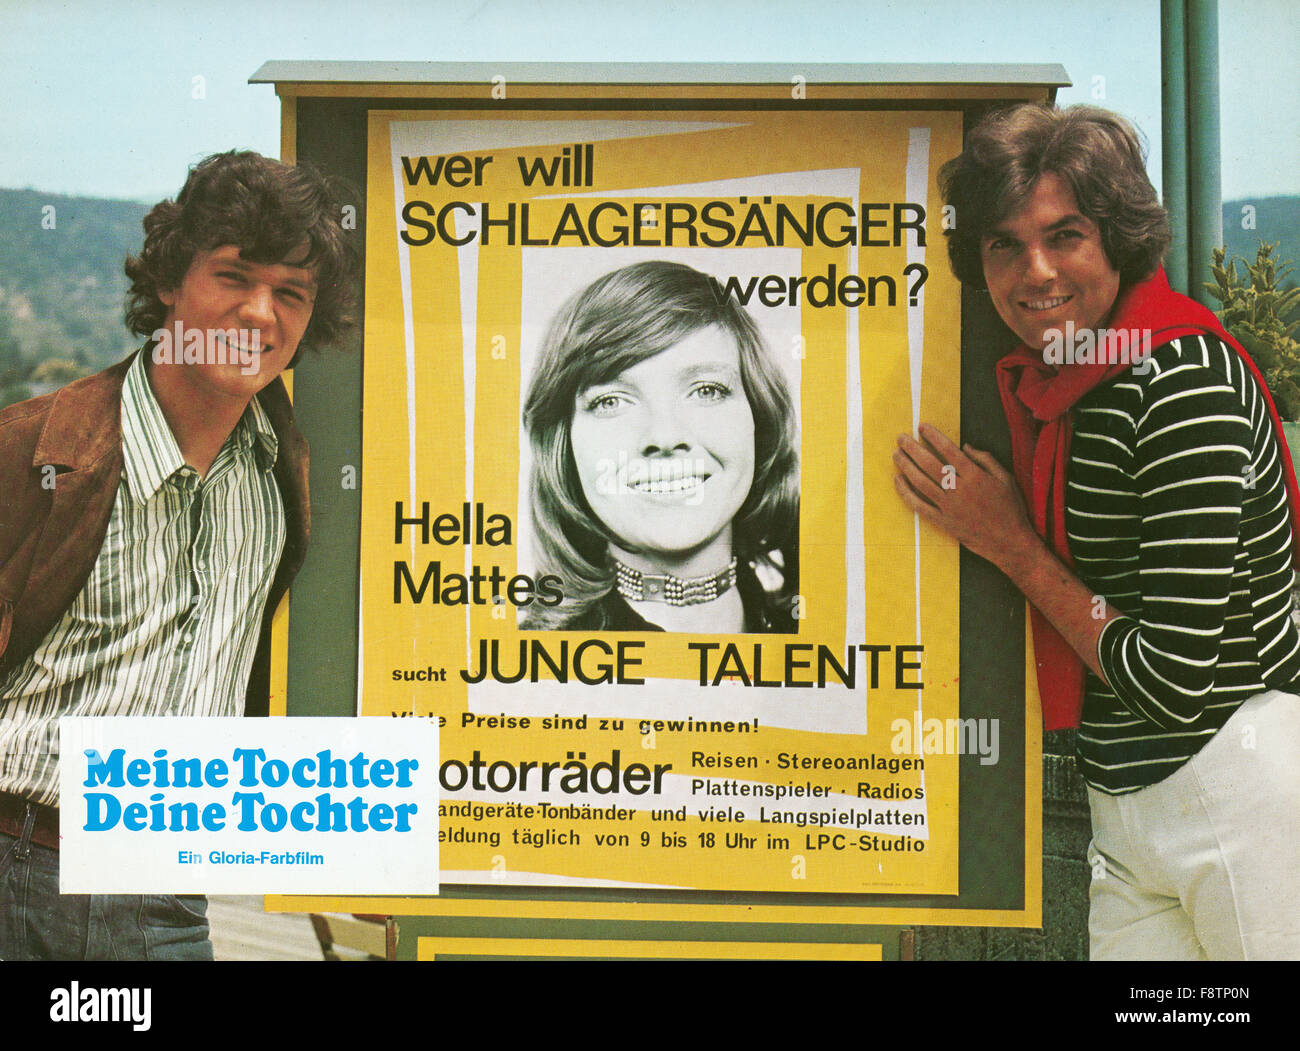 meine tochter deine tochter deutschland 1972 regie werner jacobs monia chris roberts. Black Bedroom Furniture Sets. Home Design Ideas